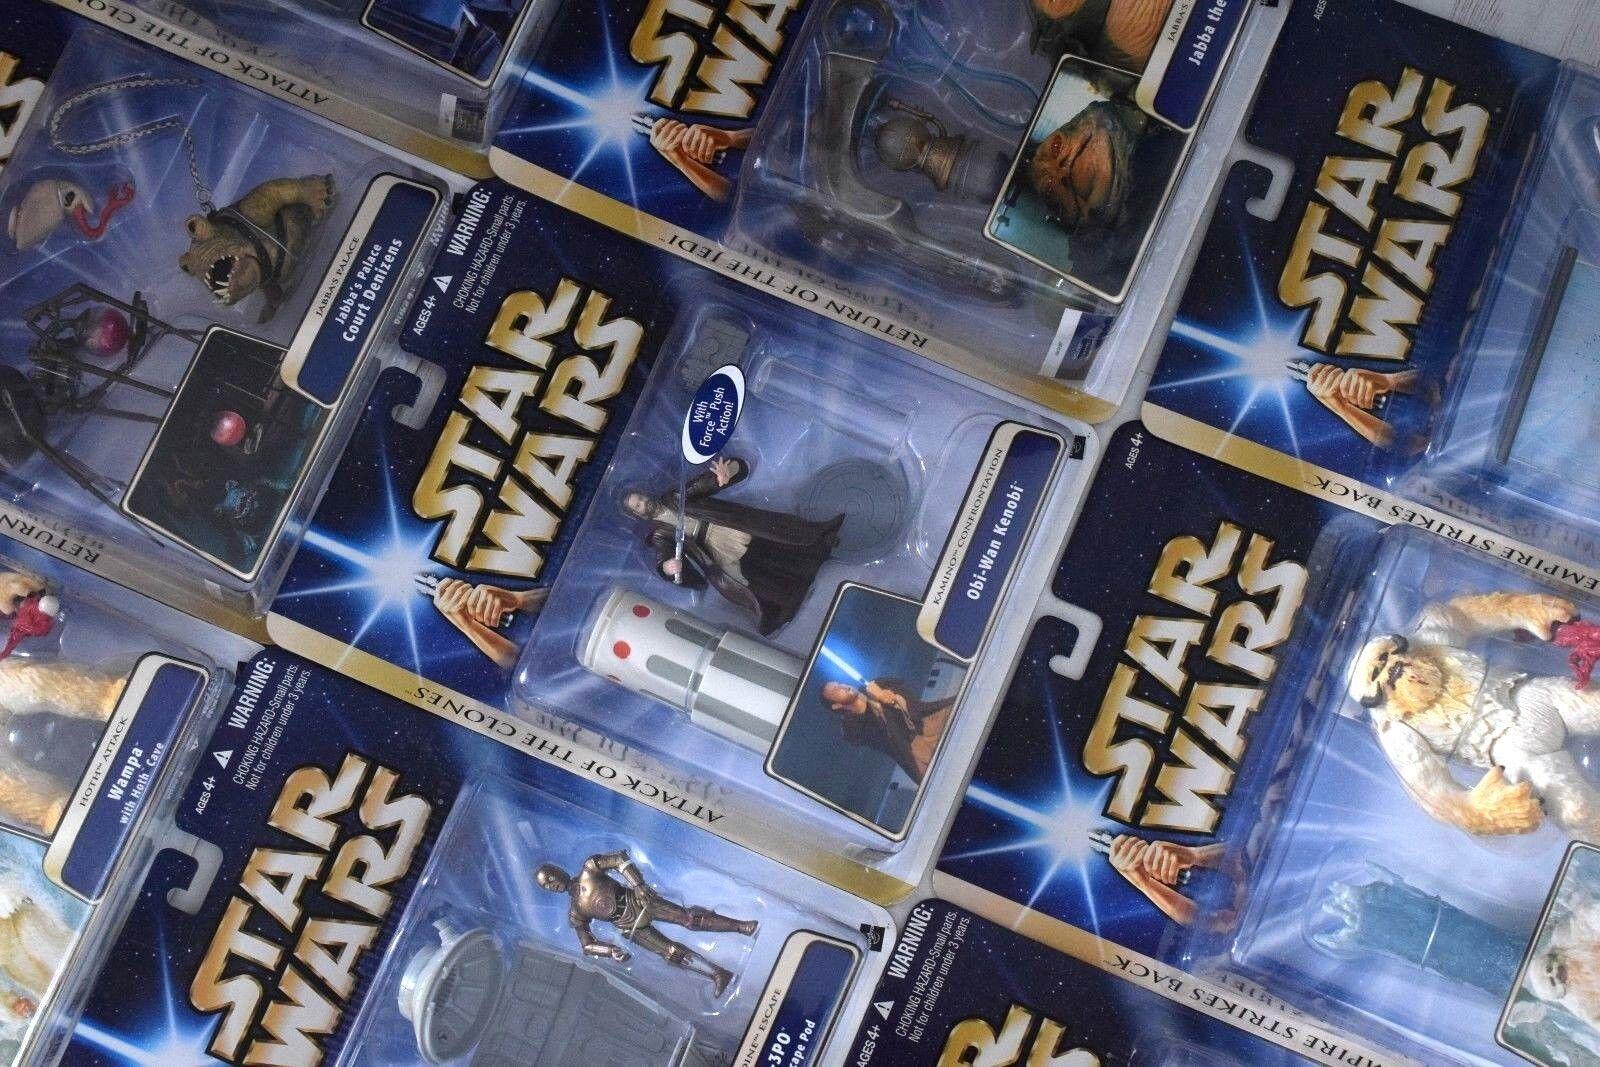 star wars  - saga 2004 (Gold striscia) deluxe statuetta confezioni - tutti moc sehen